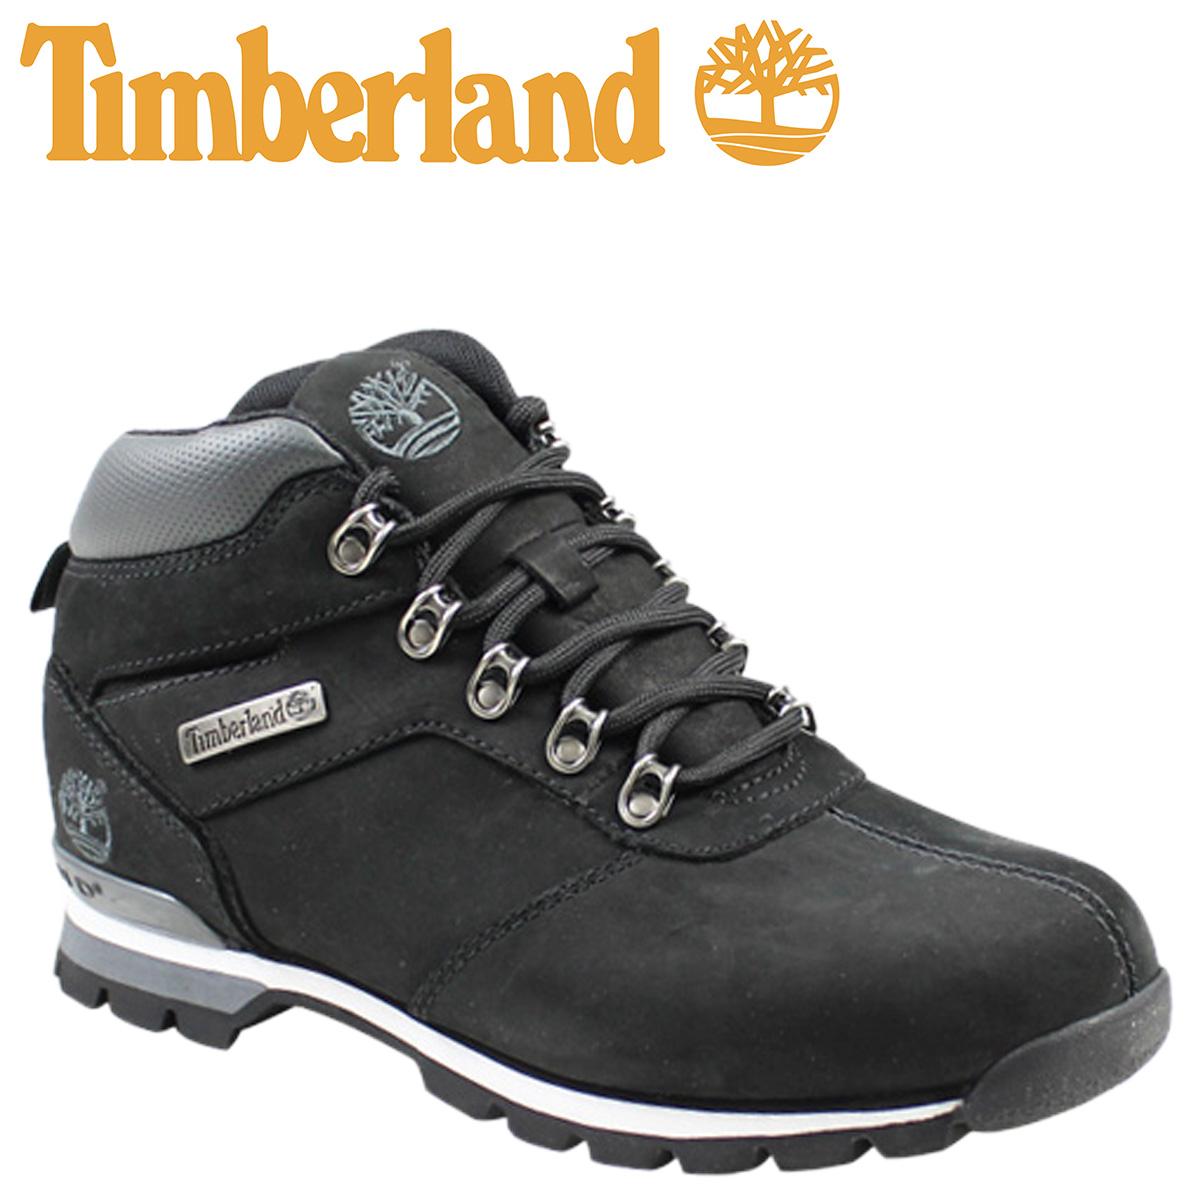 2ff4ca8307f Timberland Timberland euro hiker FTB split lock 2 boots EURO HIKER FTB  SPLITROCK 2 nubuck 6161R black black men